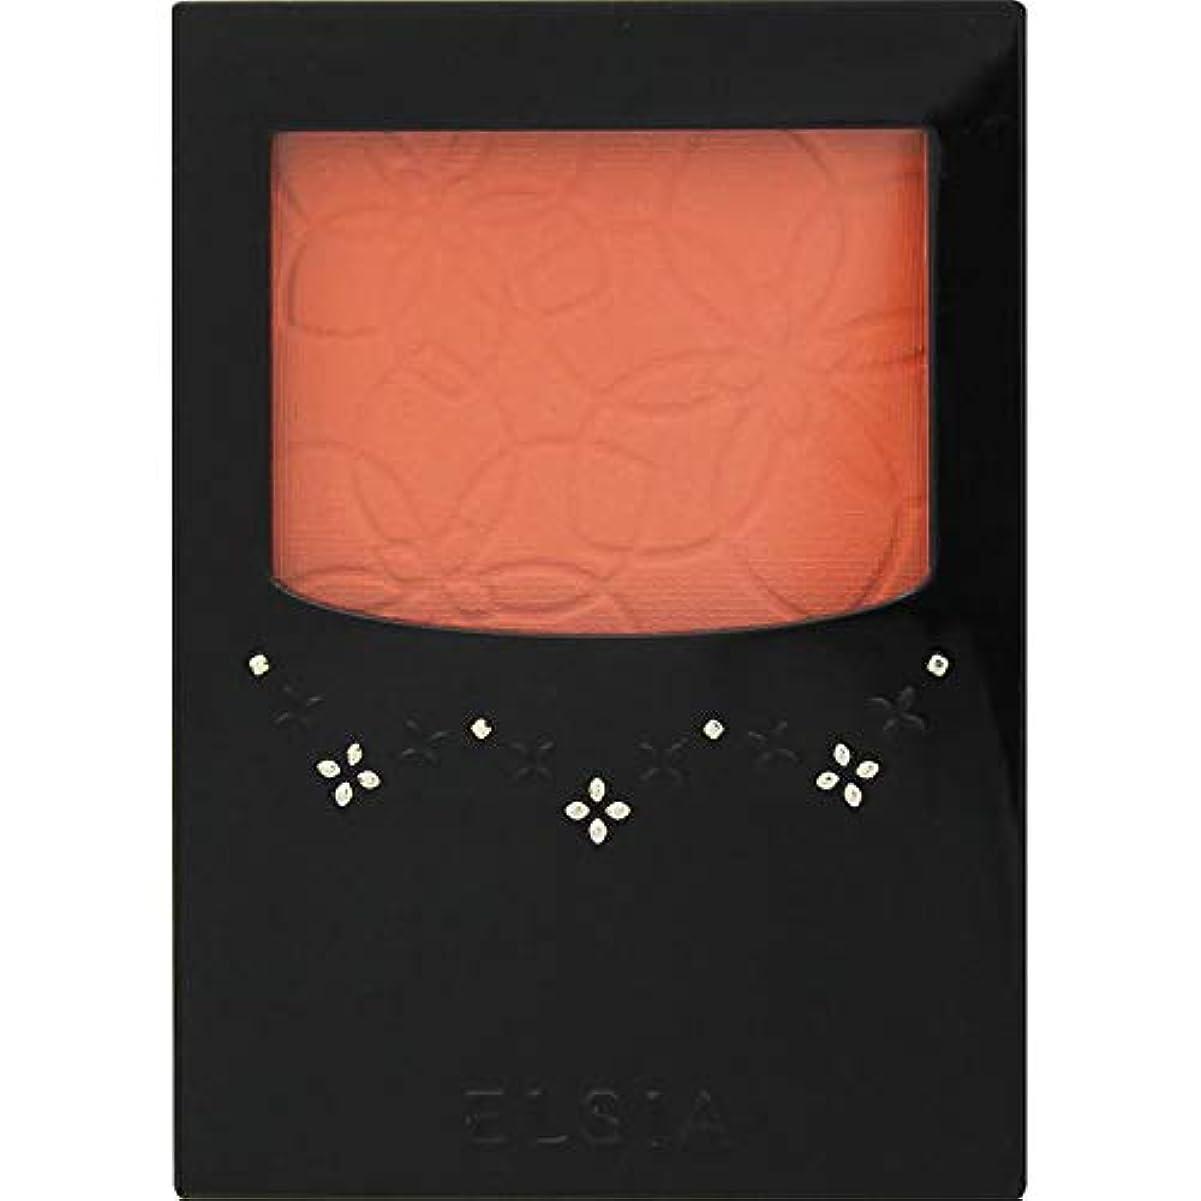 命令ライトニング娘エルシア プラチナム 明るさ&血色アップ チークカラー オレンジ系 OR200 3.5g